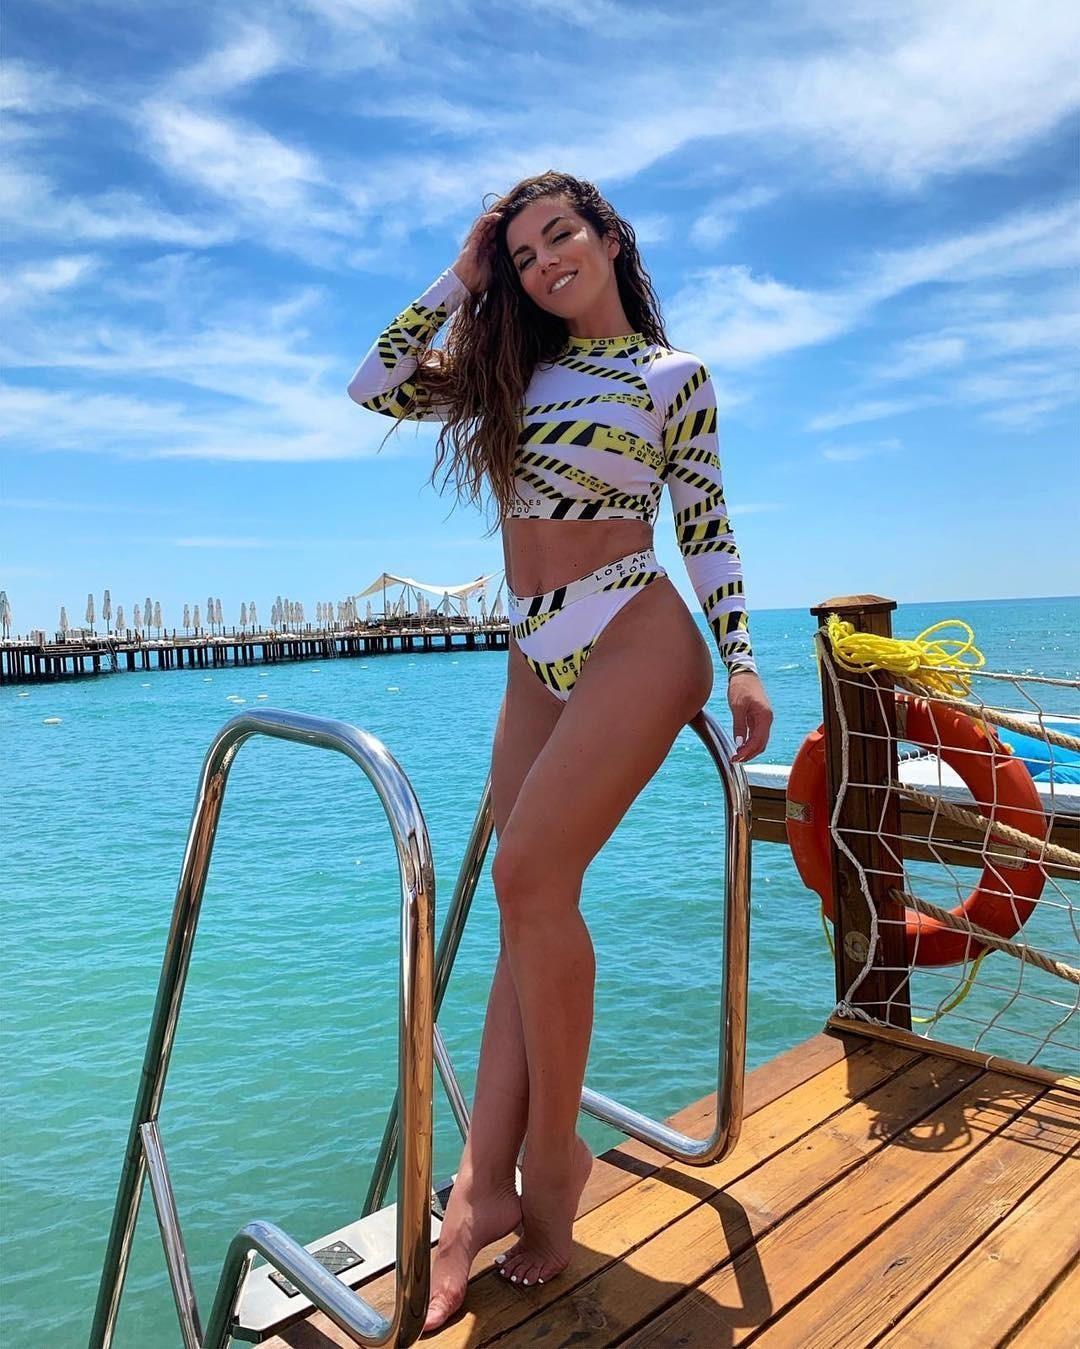 Анна Седокова советует не строить отношения с мужчинами, намного старше себя